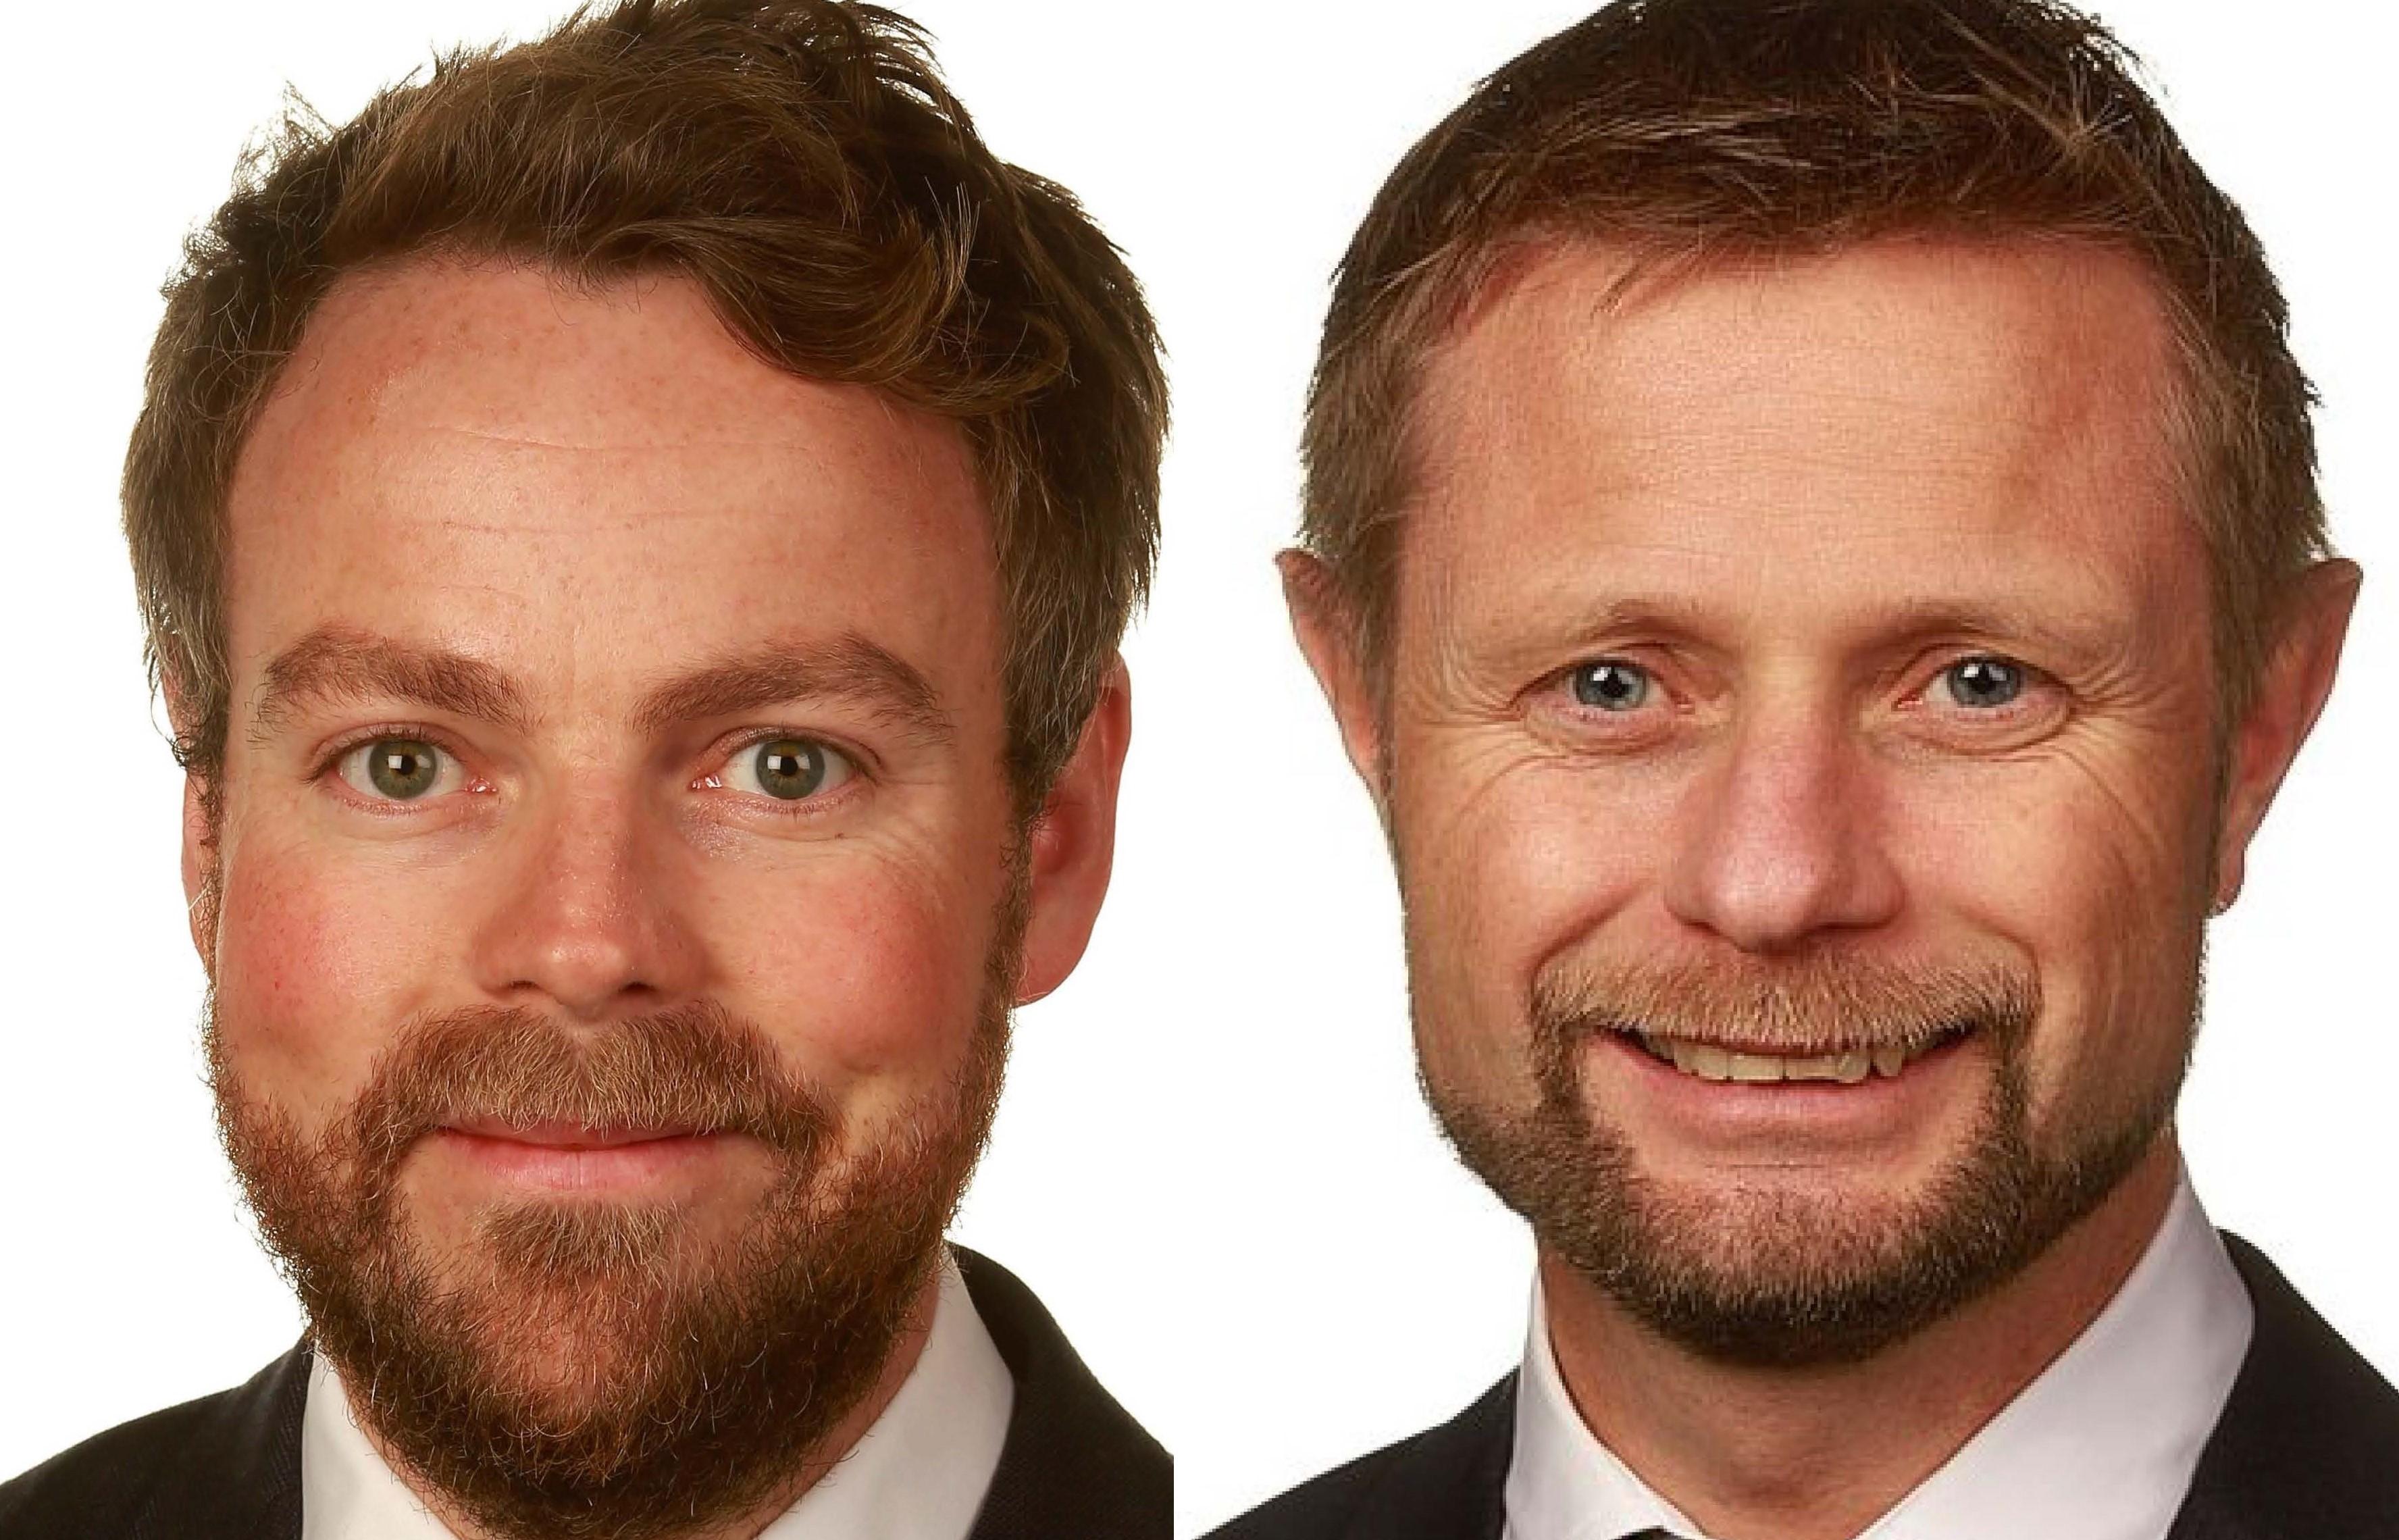 05.04.2019: Innovative anskaffelser får en nøkkelrolle i å utvikle norsk helsenæring